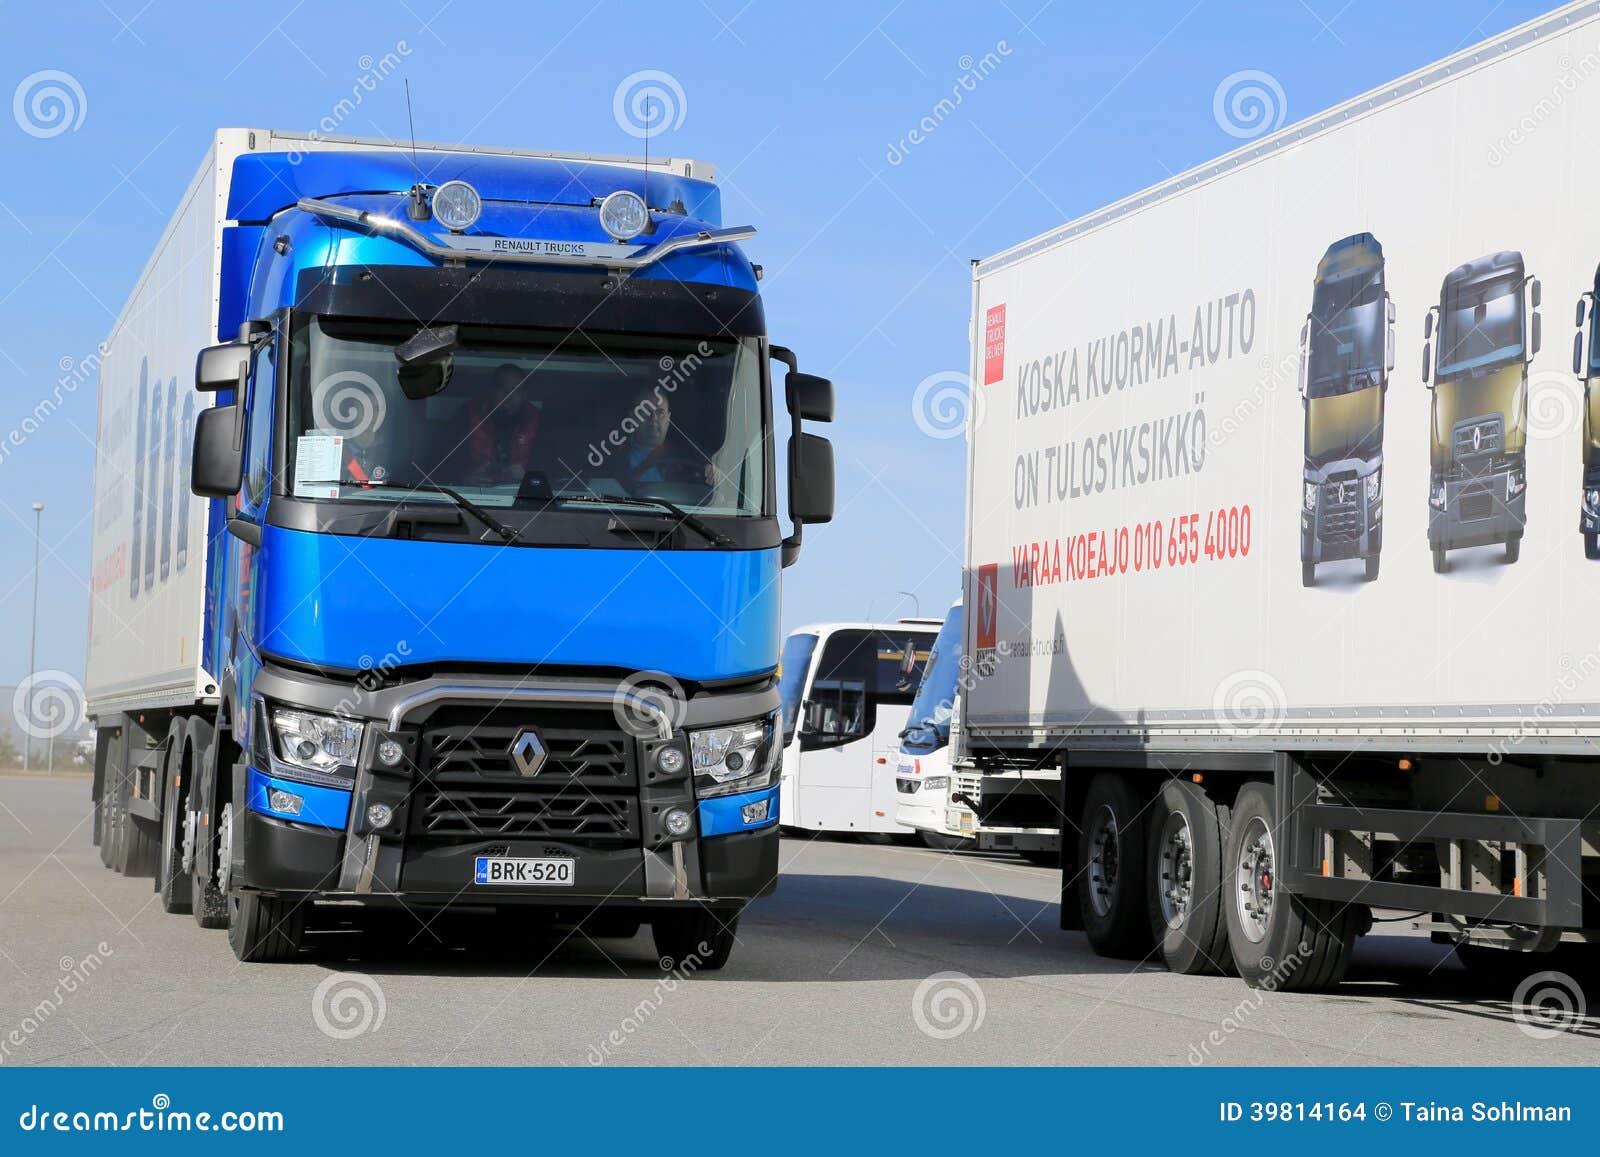 camion di renault t460 6x2t e6 immagine stock editoriale immagine 39814164. Black Bedroom Furniture Sets. Home Design Ideas